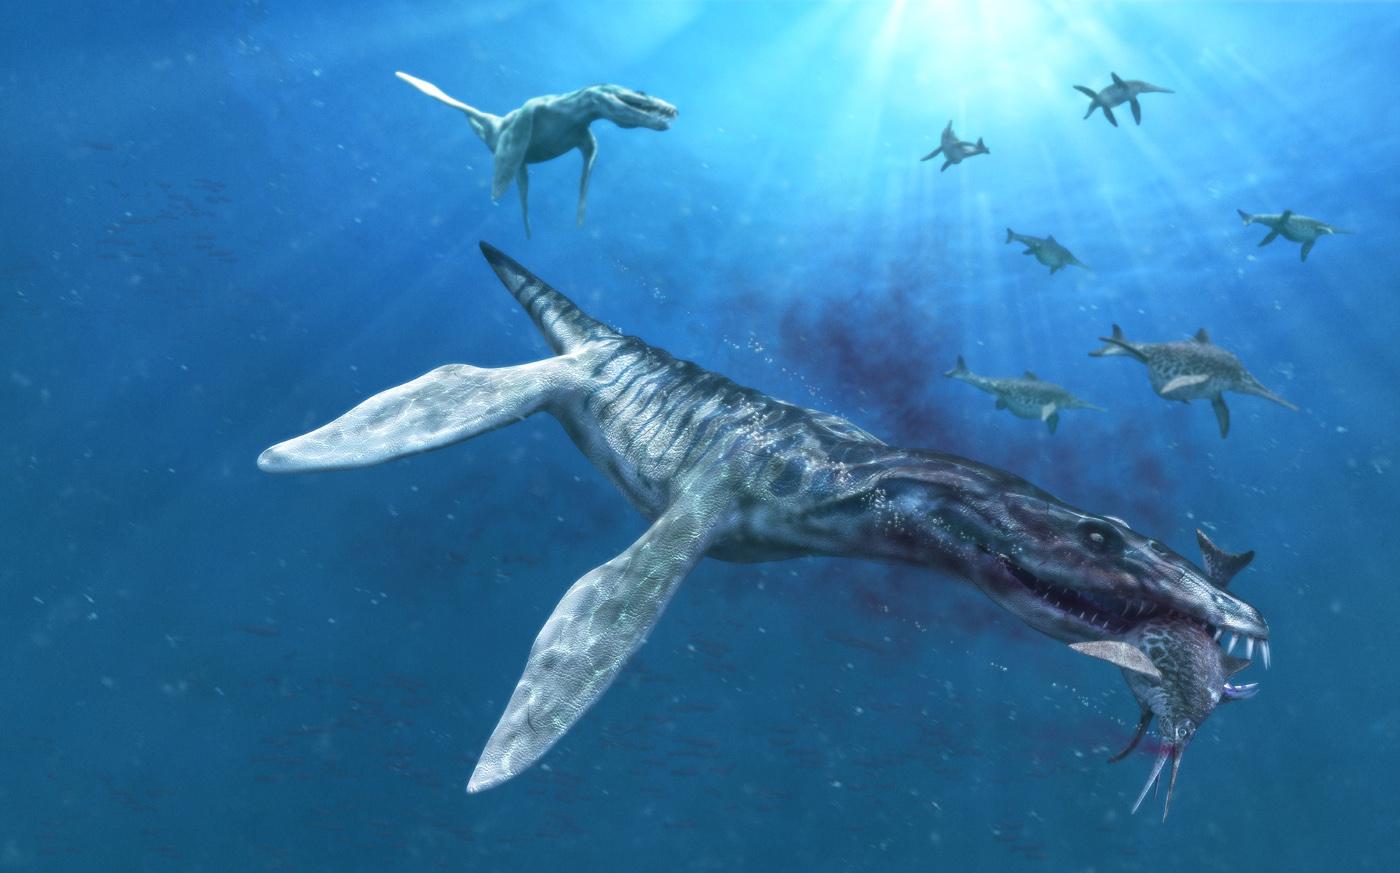 Liopleurodon, Foto: labo80.wordpress.com